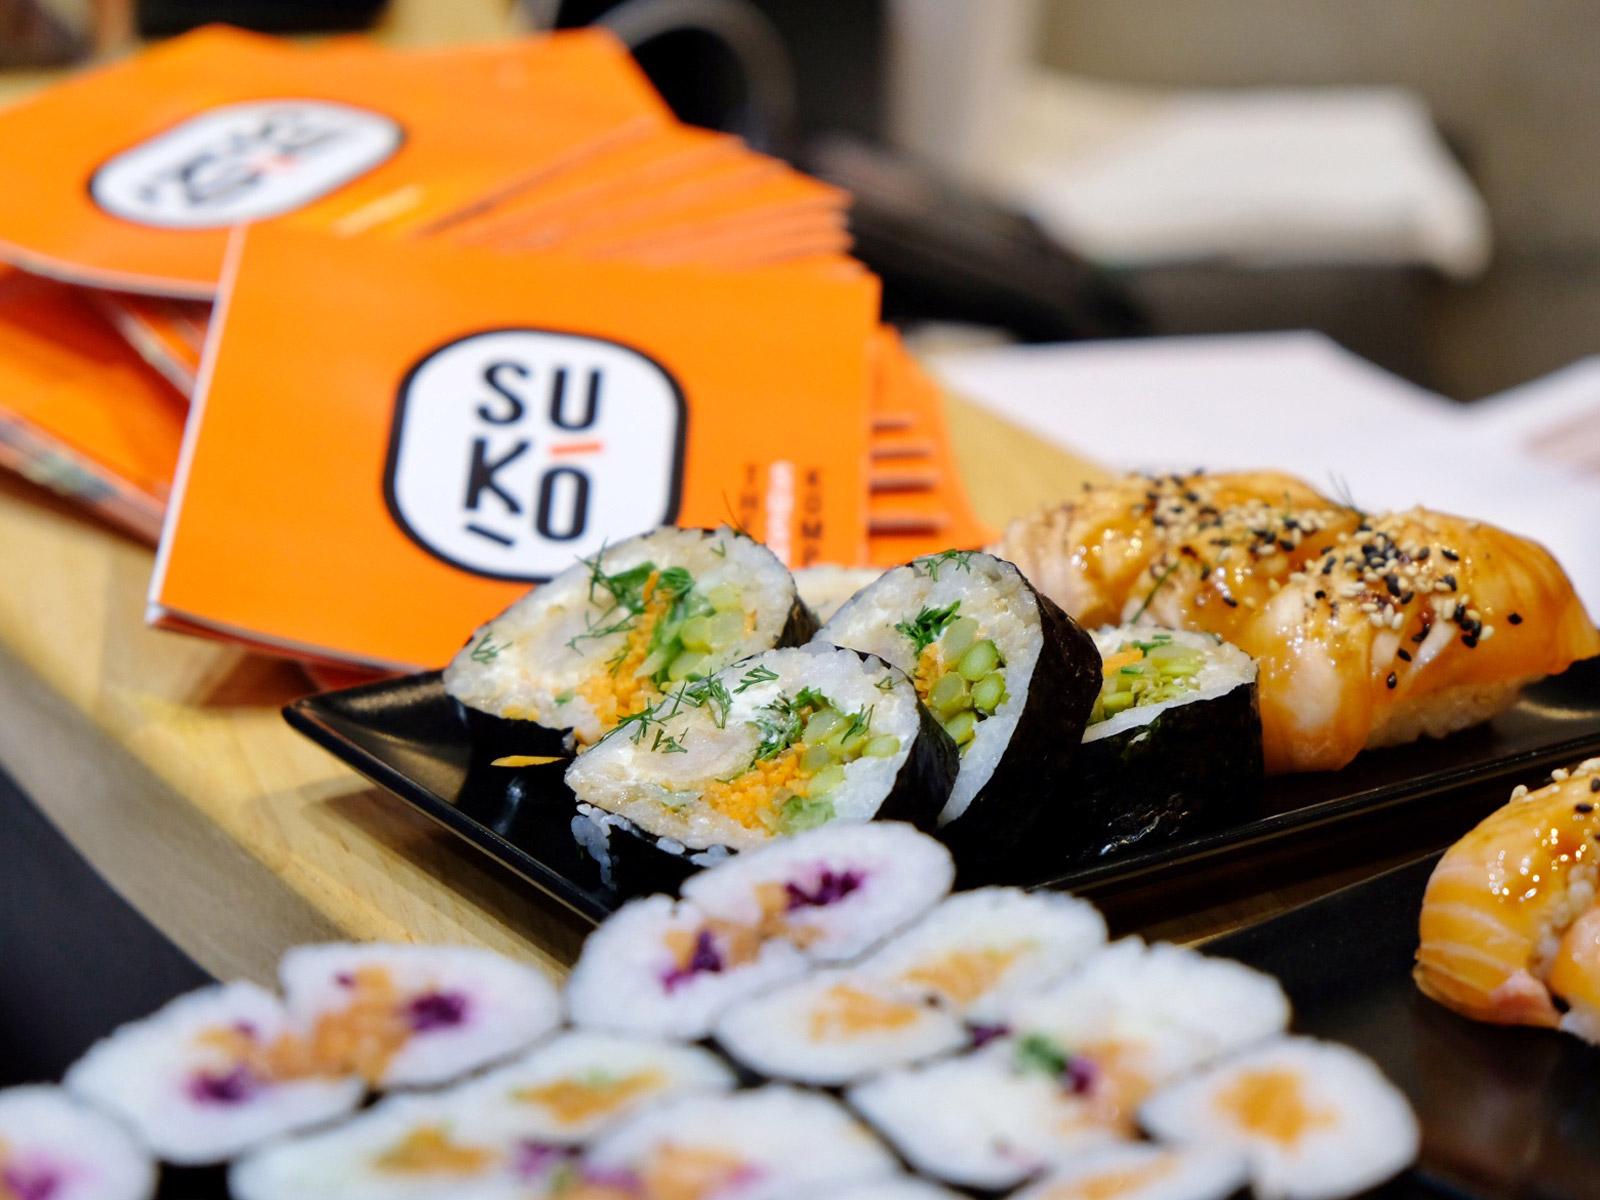 Suko sushi restaurant japonais à Nantes et Rezé